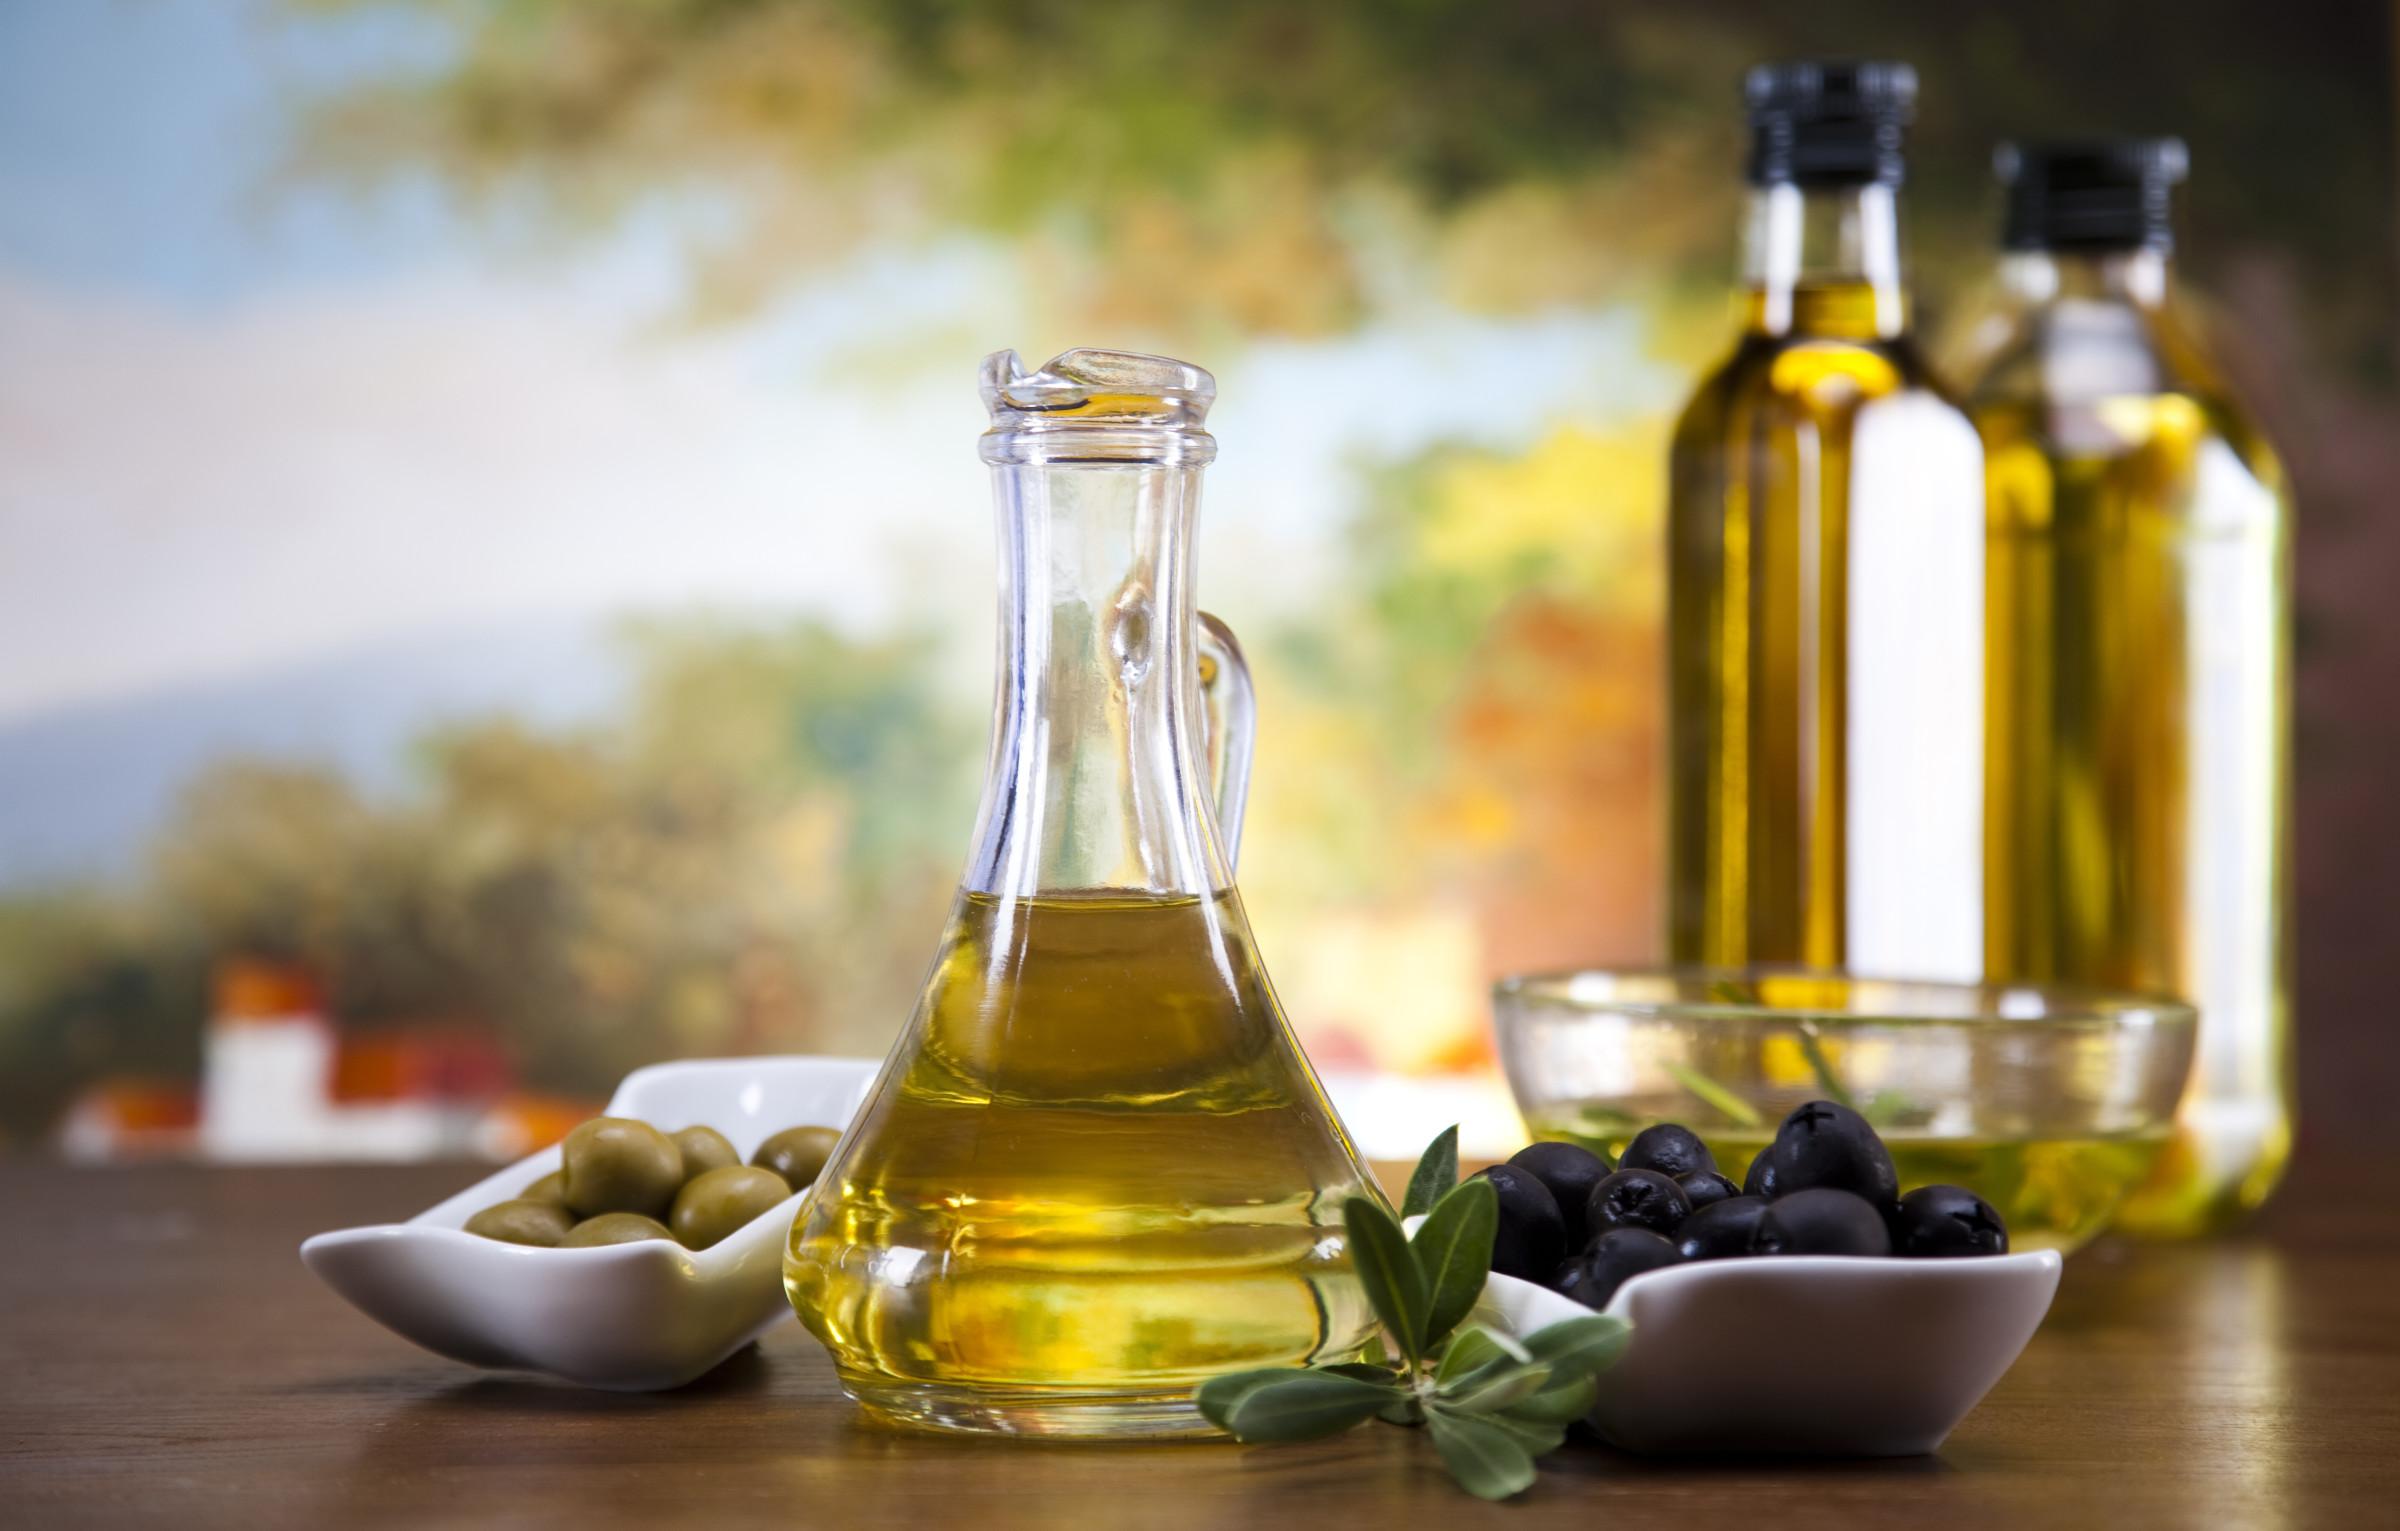 papka-foto-produkty-noyabrya-pitanie-po-sezonu-olivkovoe-maslo